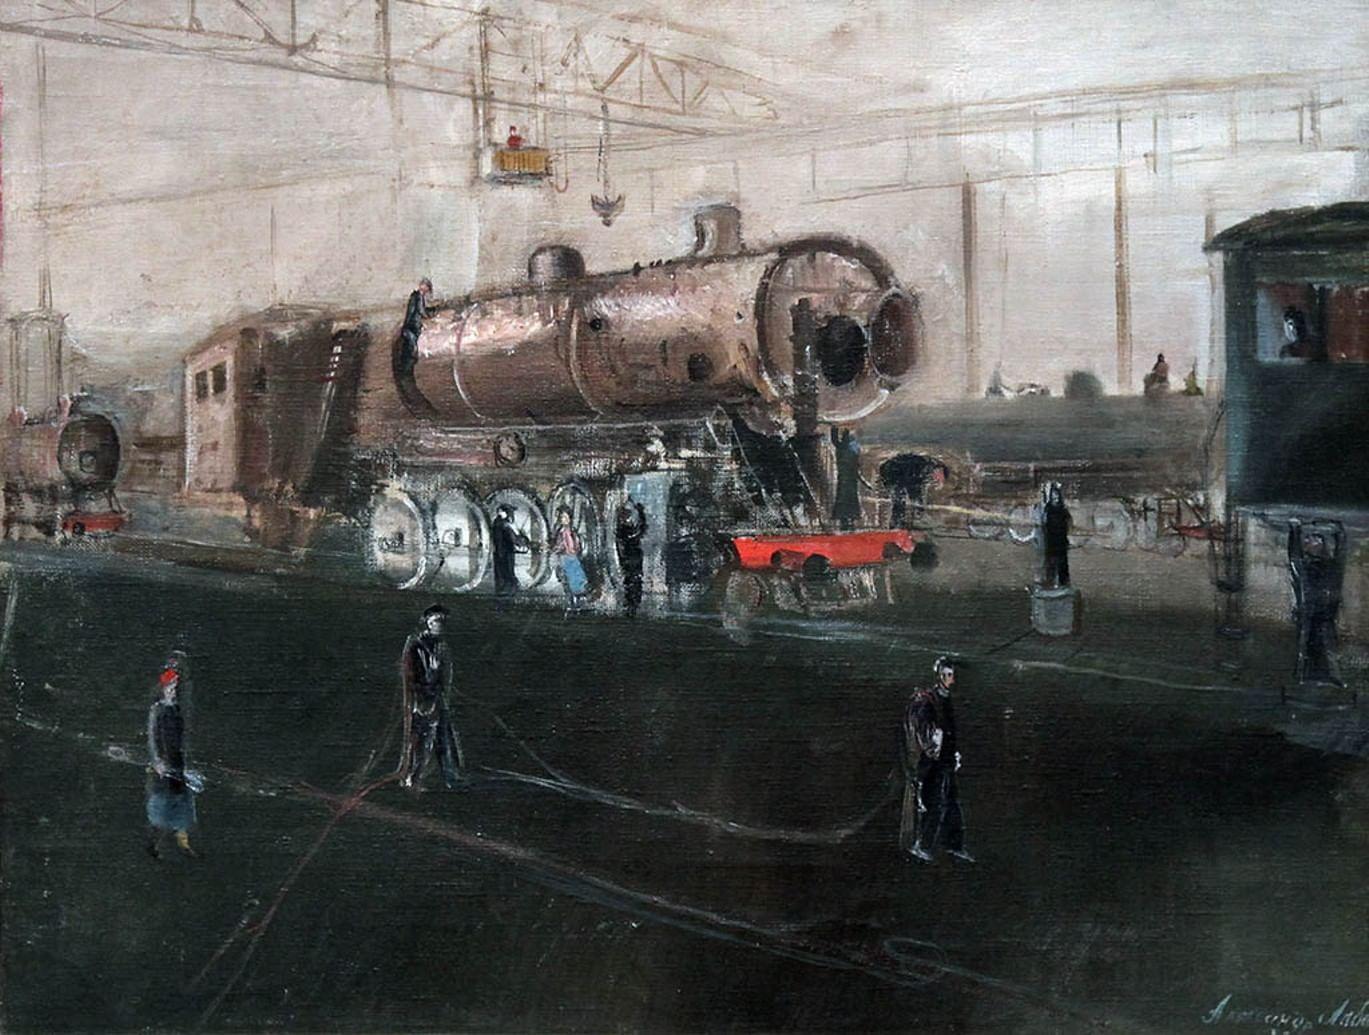 Первые дирижабль, паровоз и эскалатор на картинах Александра Лабаса. Галерея 2. Паровоз